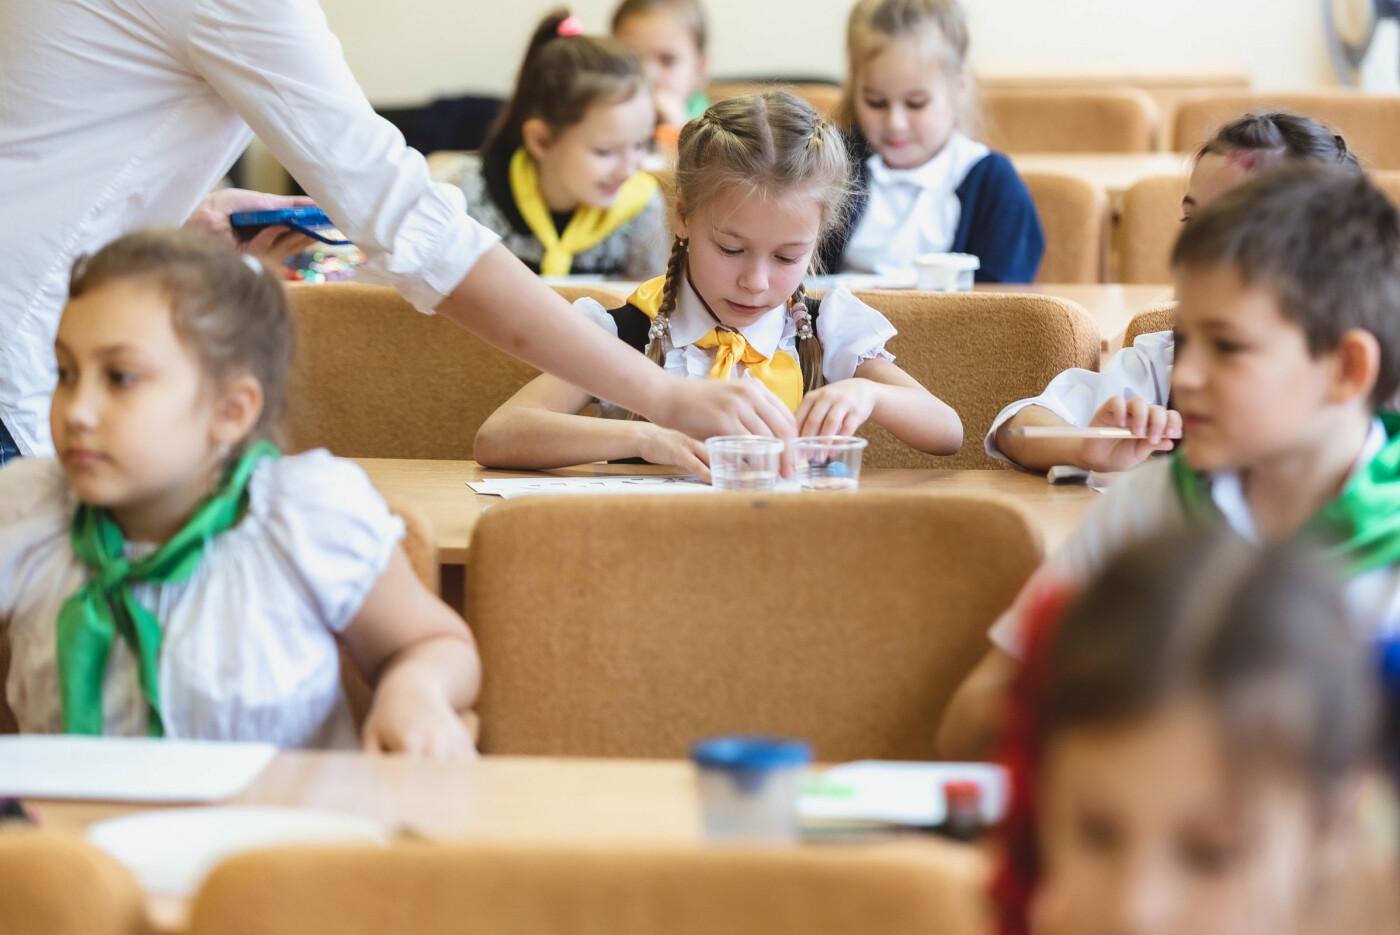 В Ялтинской школе № 1 для школьников провели художественный мастер-класс, фото-3